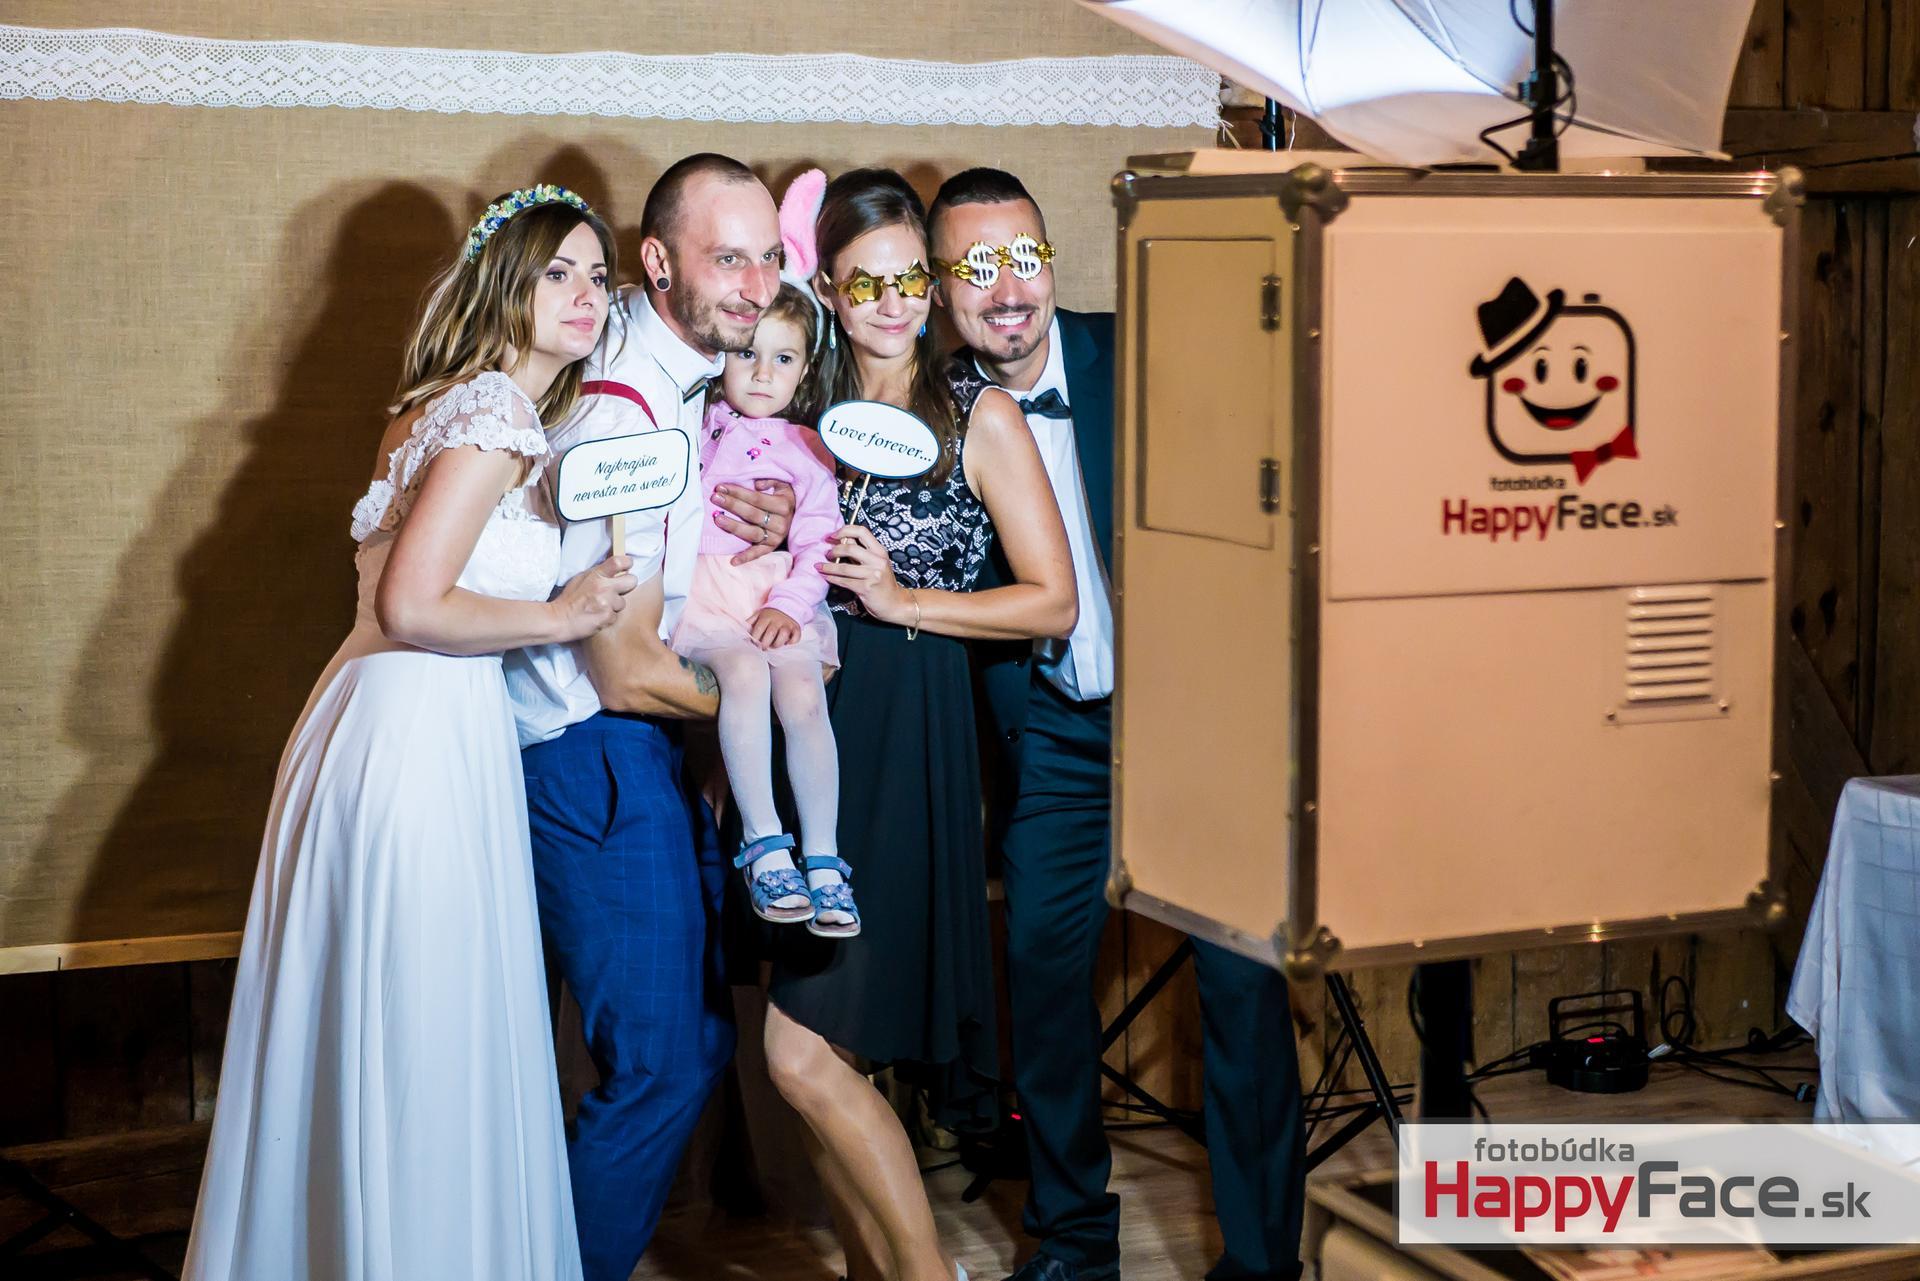 Prenájom fotobúdky za super ceny 🙂 Neobmedzené množstvo fotiek 👍 Nekonečné množstvo rekvizít 🤩 www.happyface.sk - Obrázok č. 3